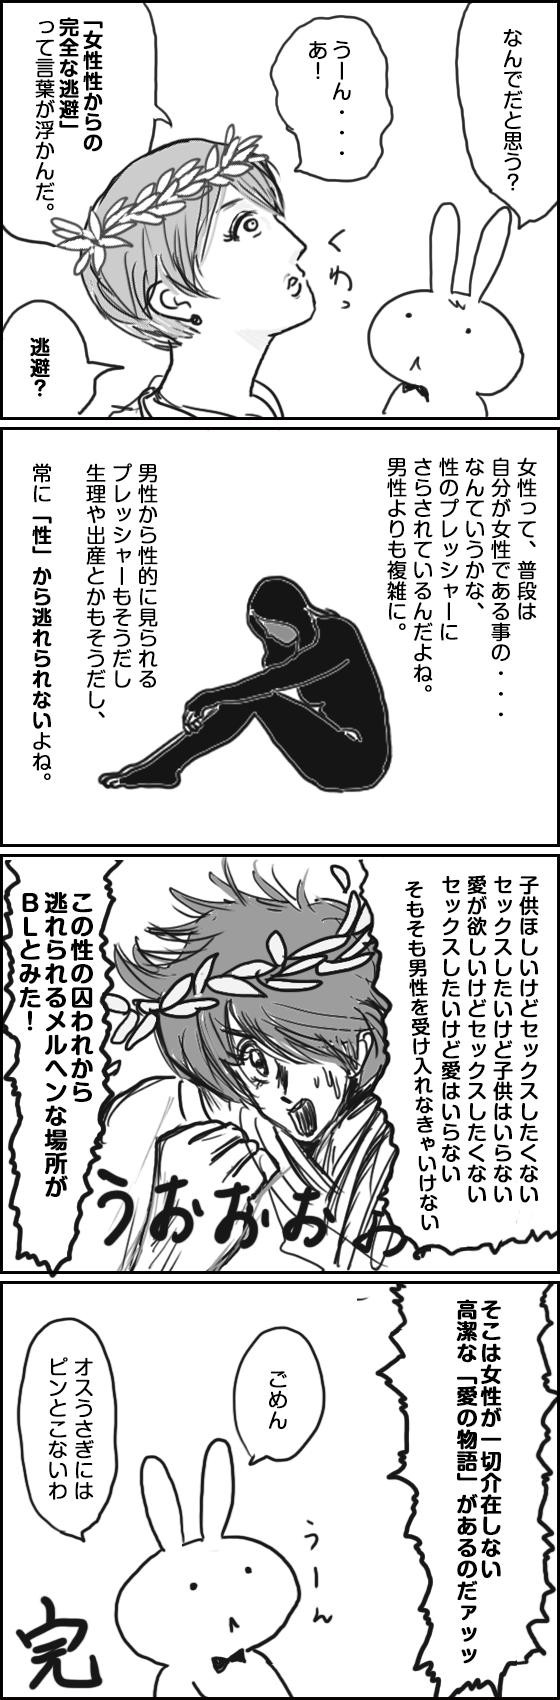 スピリチュアル漫画:BLが好きな人は何に惹かれるの?(2)